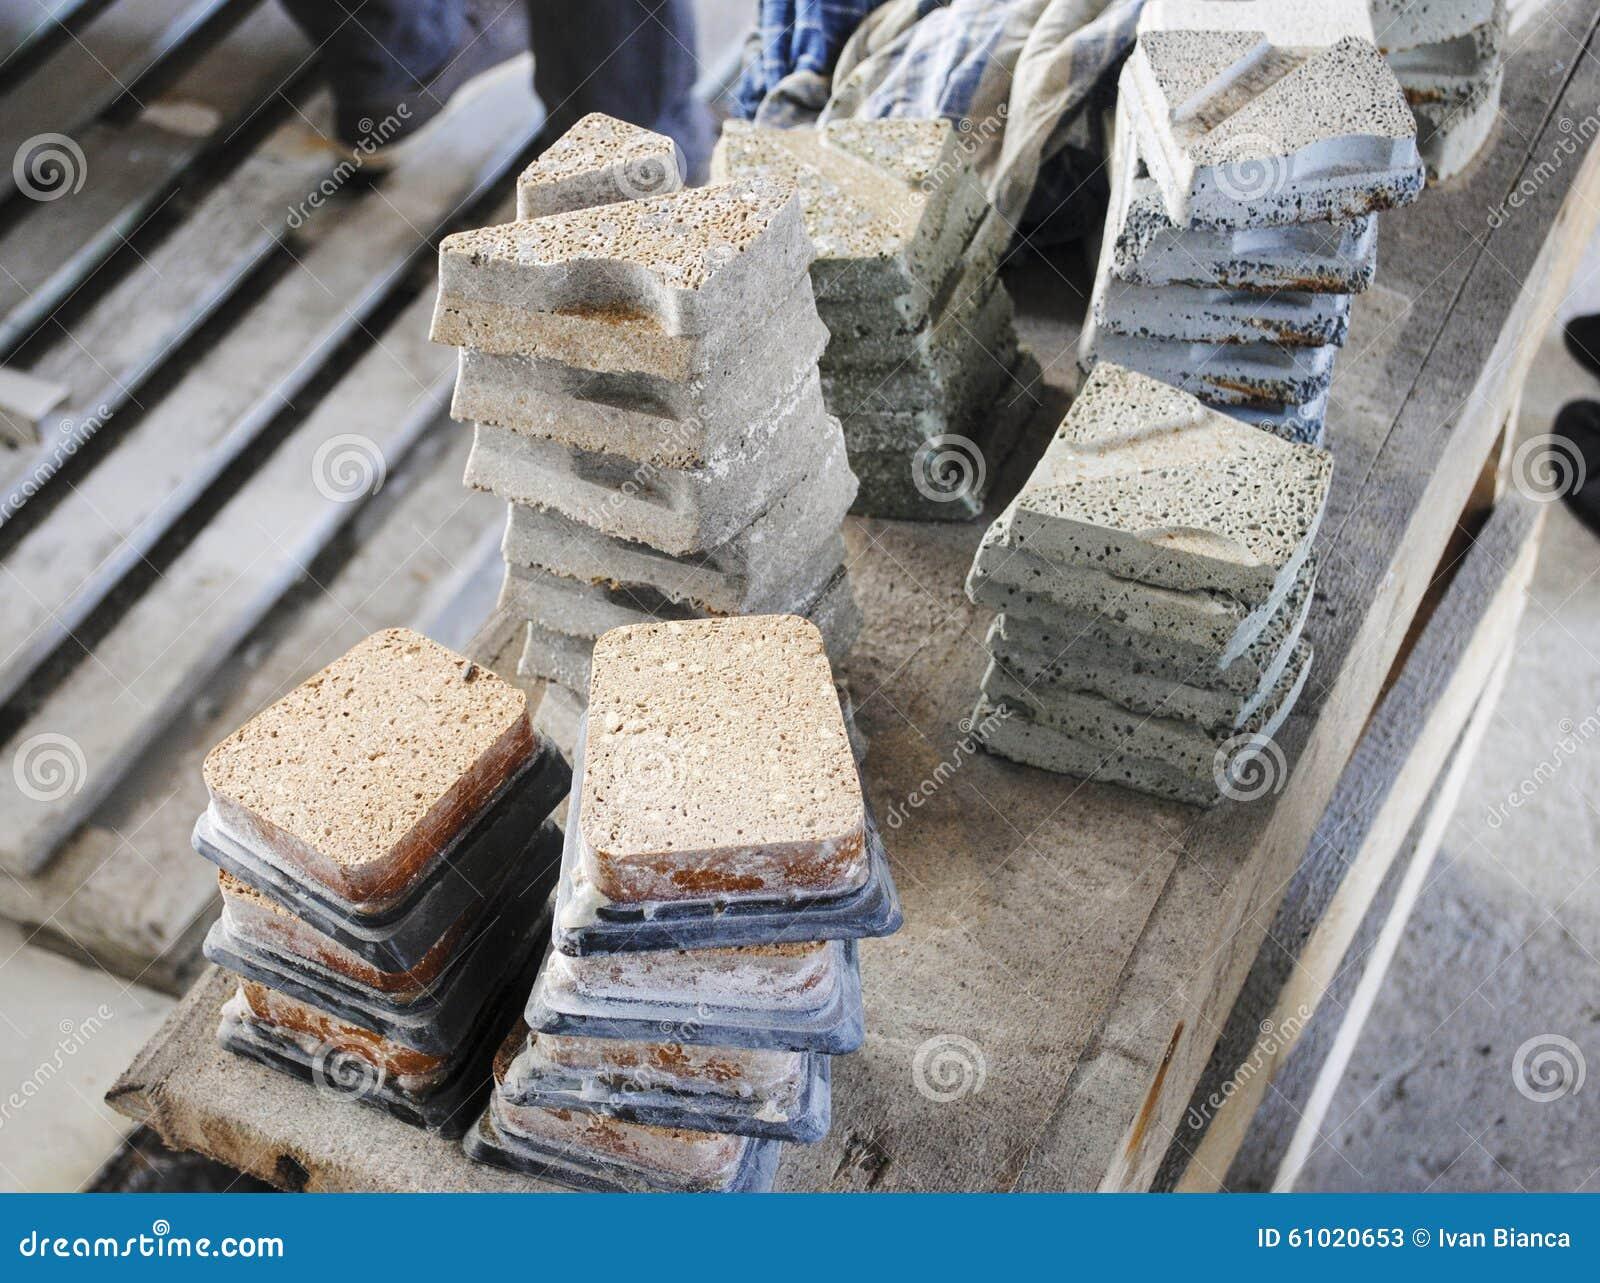 Los paneles de piedra naturales foto de archivo imagen 61020653 - Paneles de piedra natural ...